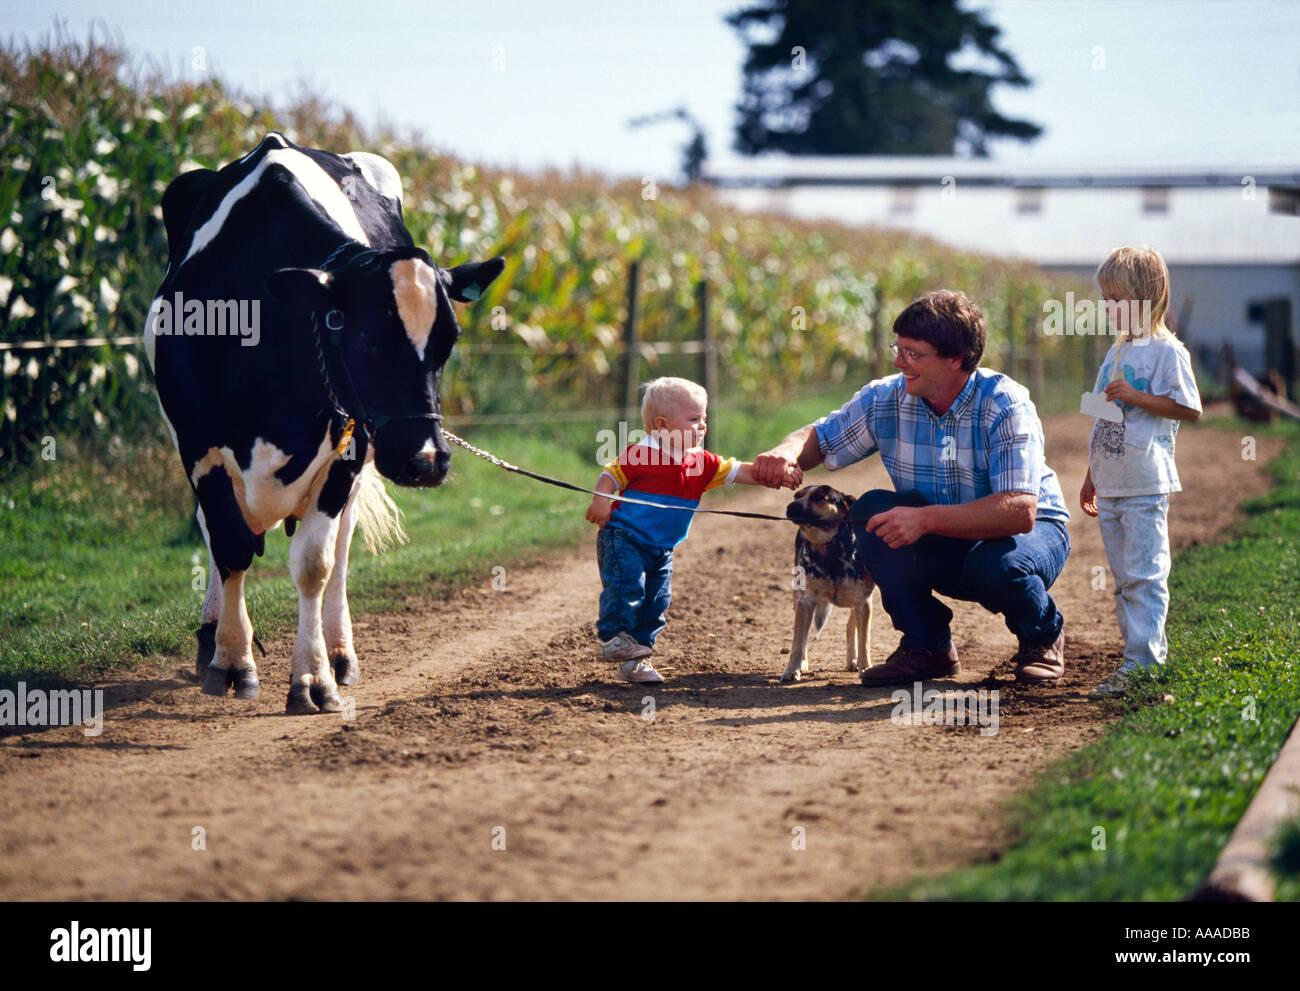 Agriculture Family Farm Life A